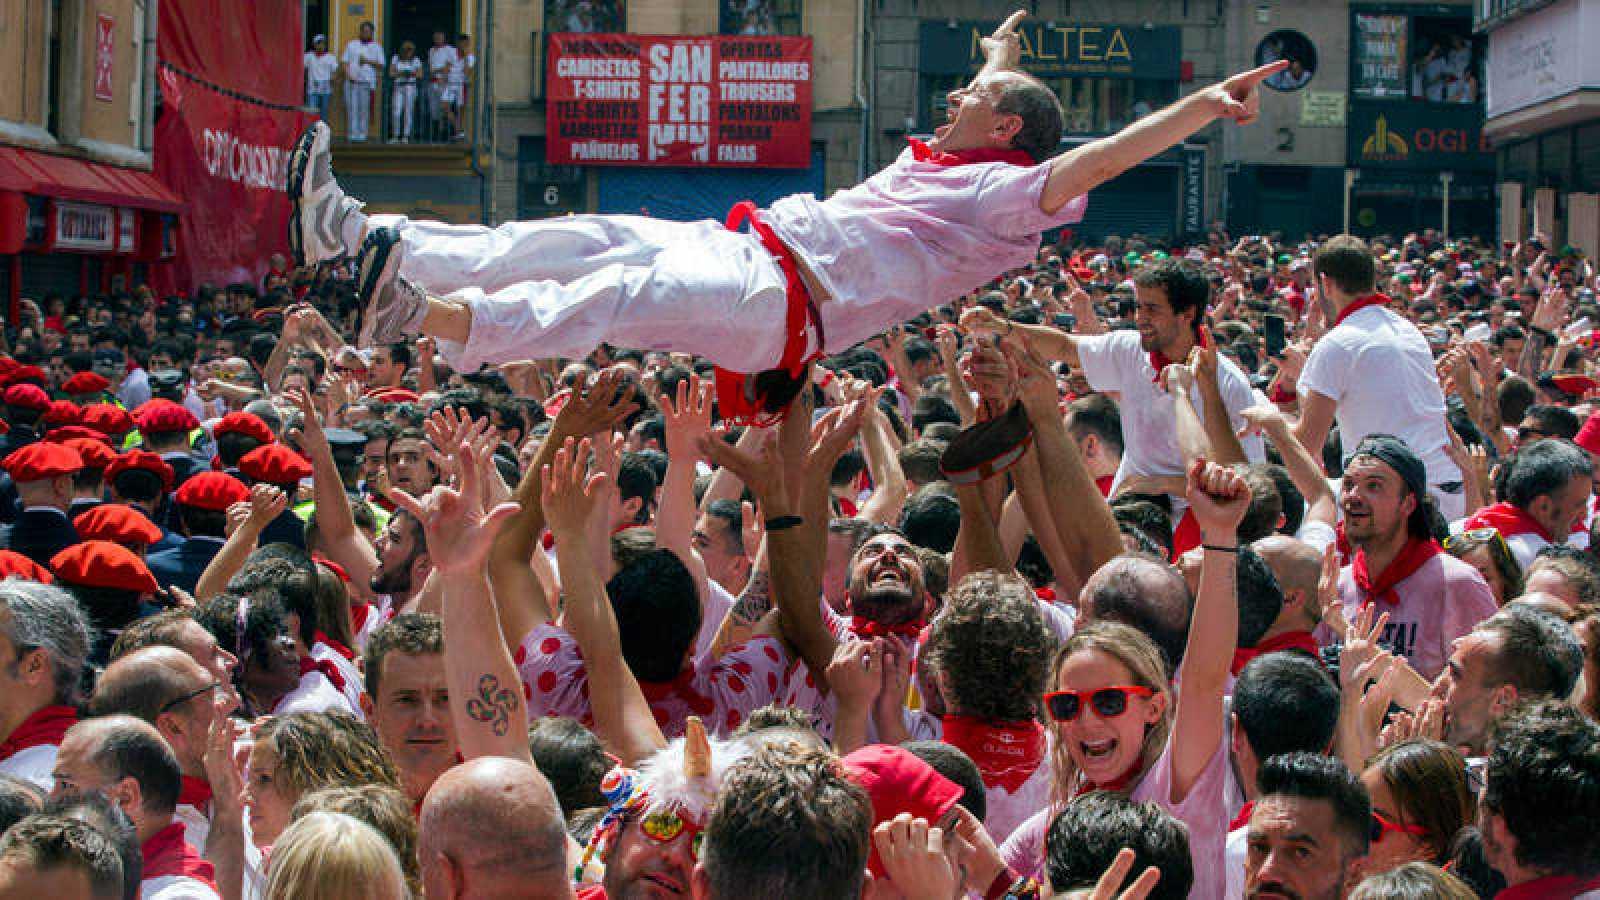 Un mozo es manteado por la multitud en el chupinazo